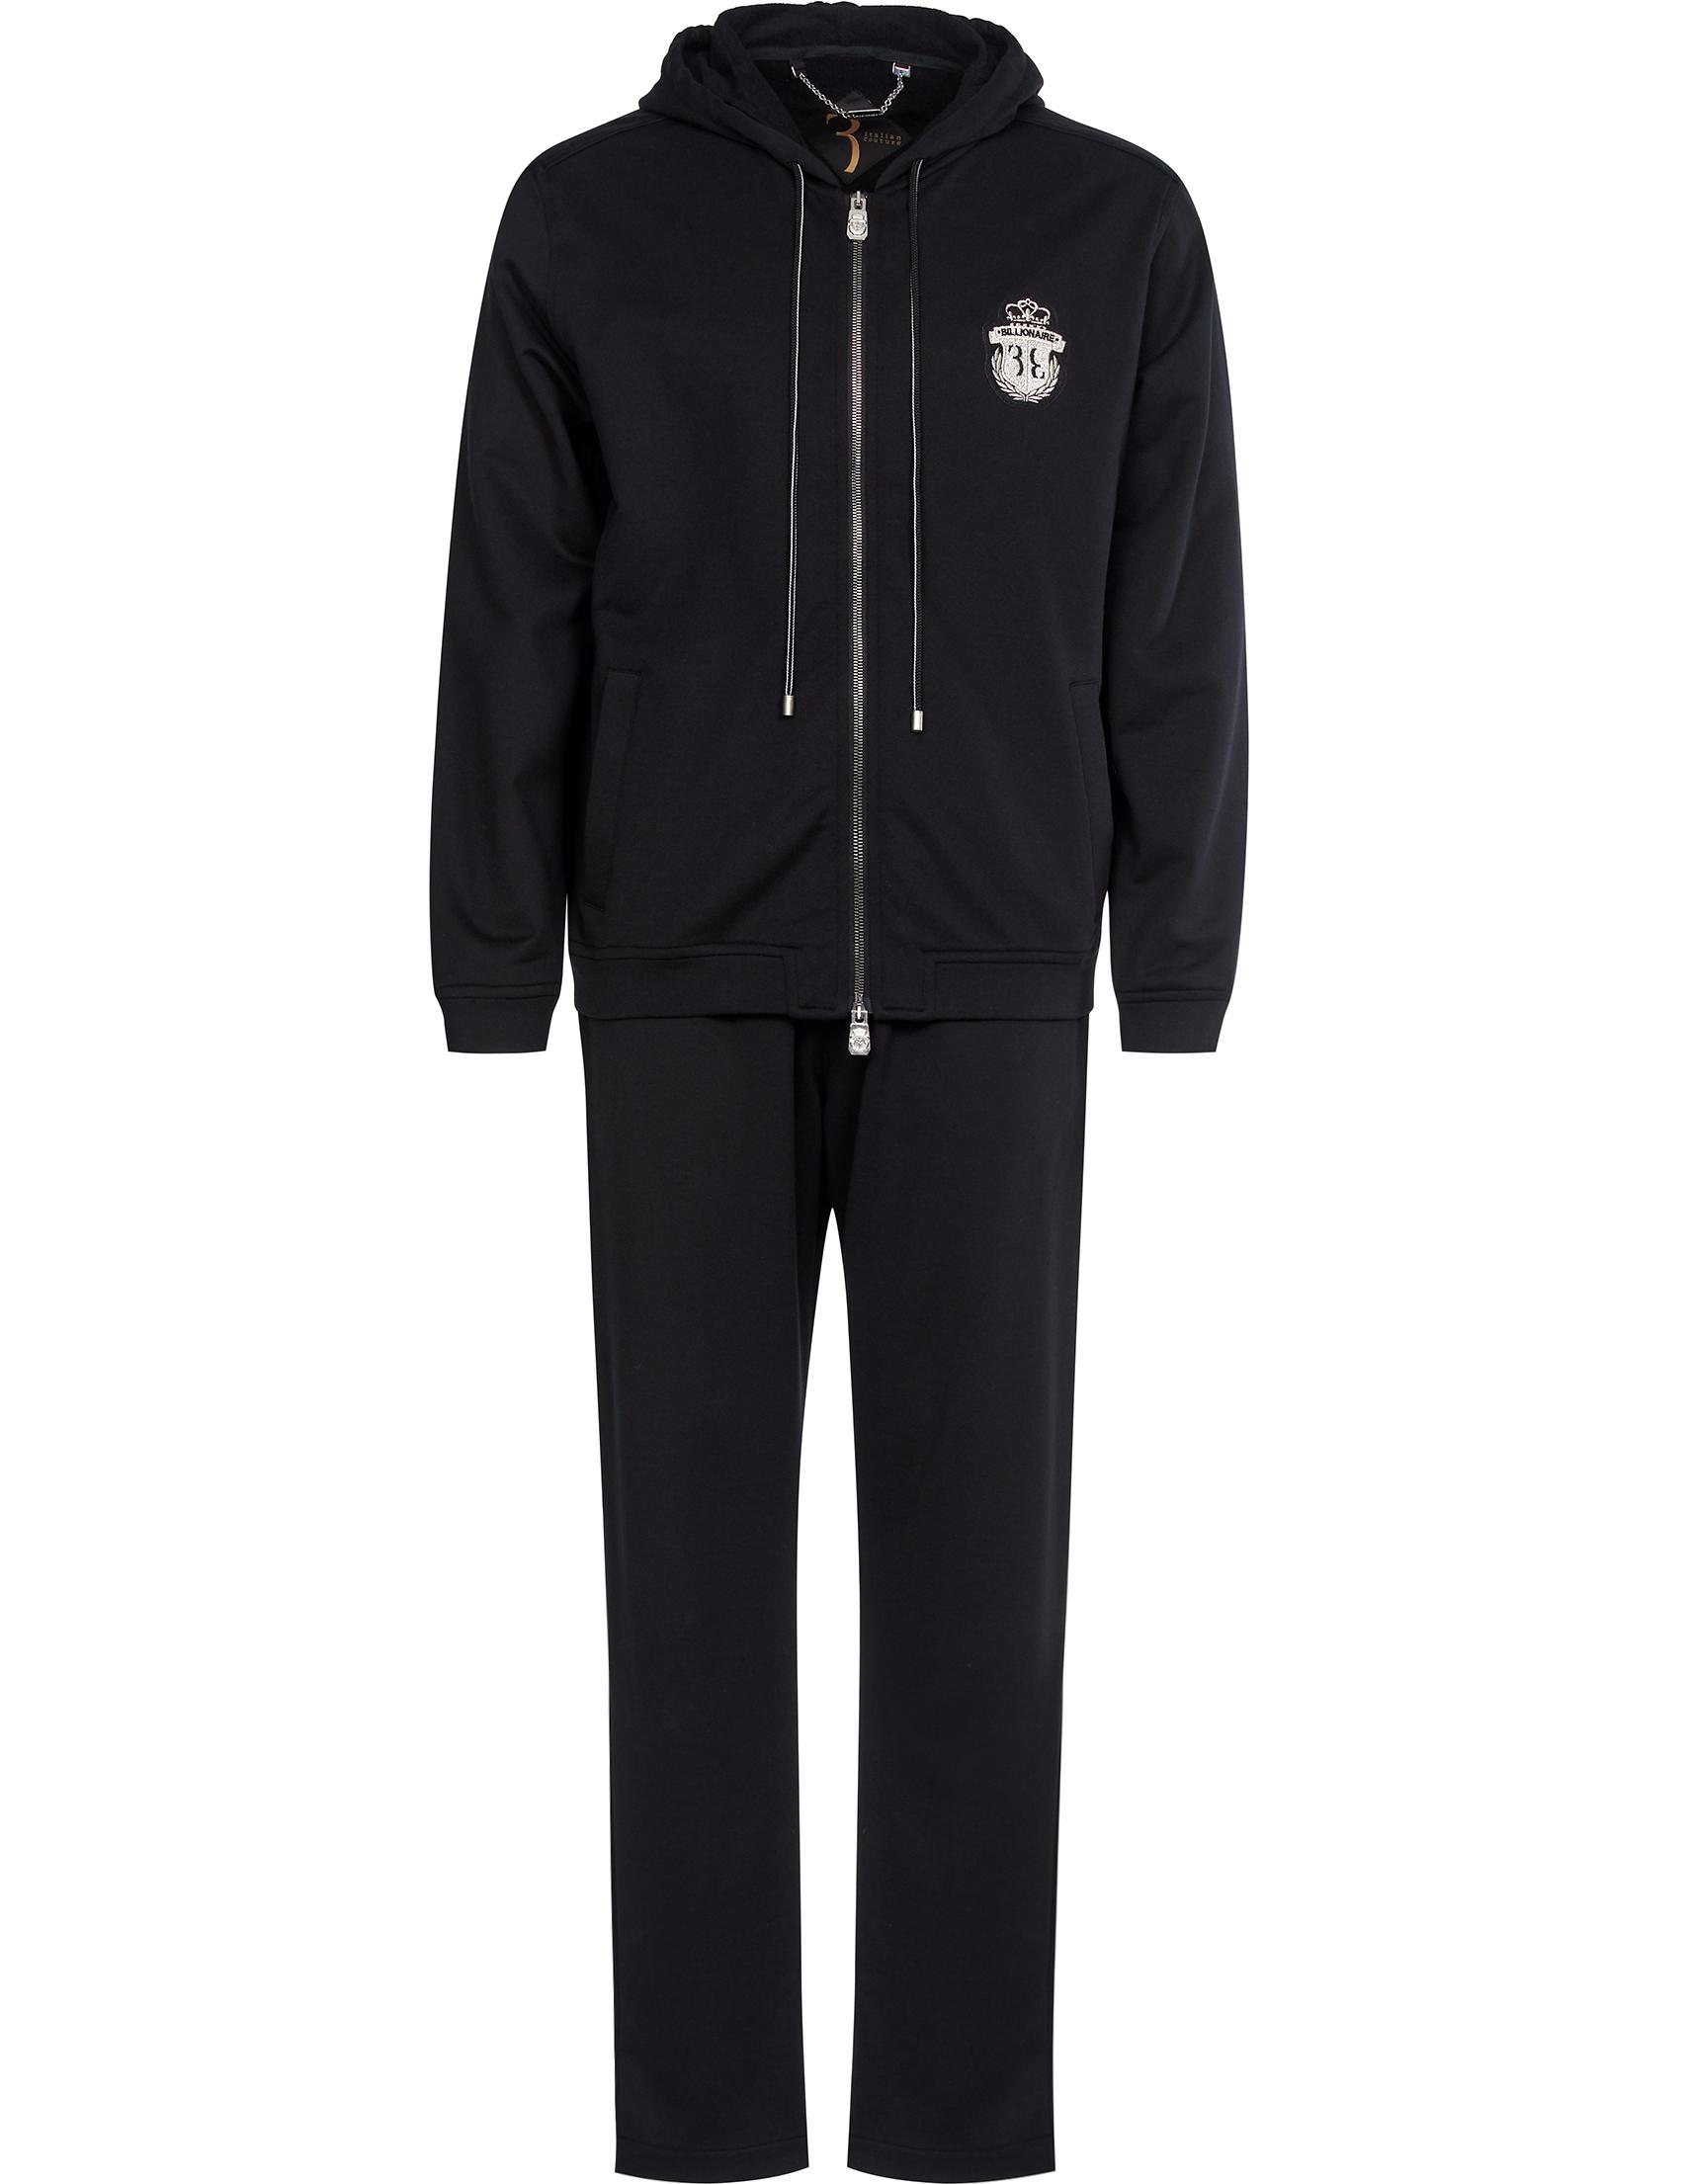 Купить Спортивные костюмы, Спортивный костюм, BILLIONAIRE, Черный, 100%Хлопок, Весна-Лето